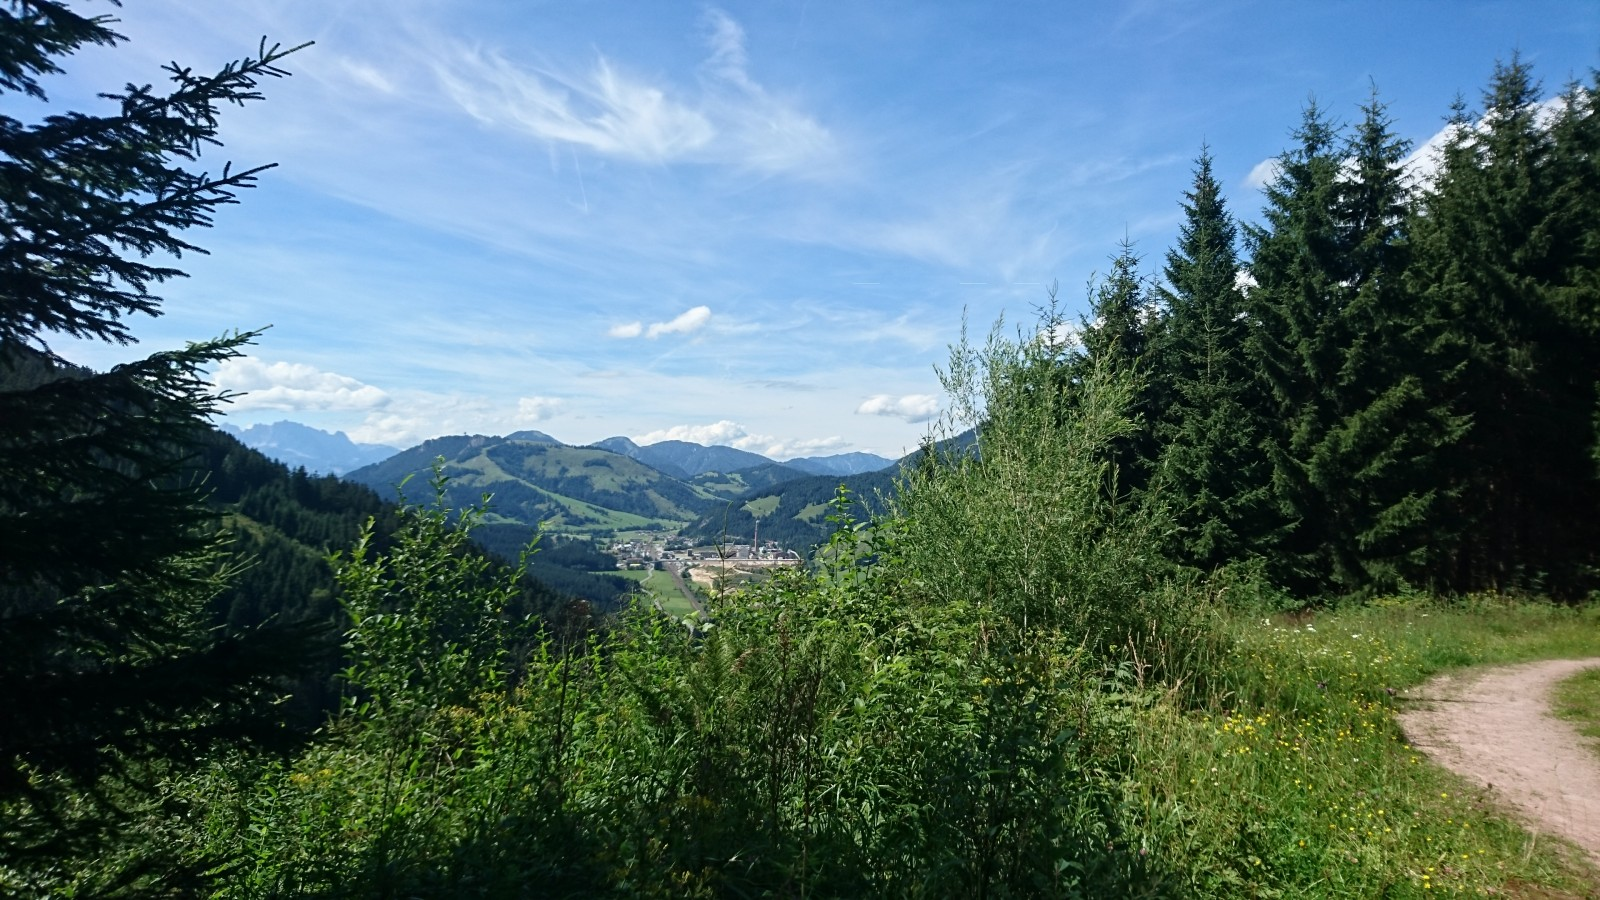 Blick über die Landesgrenze Richtung Tirol